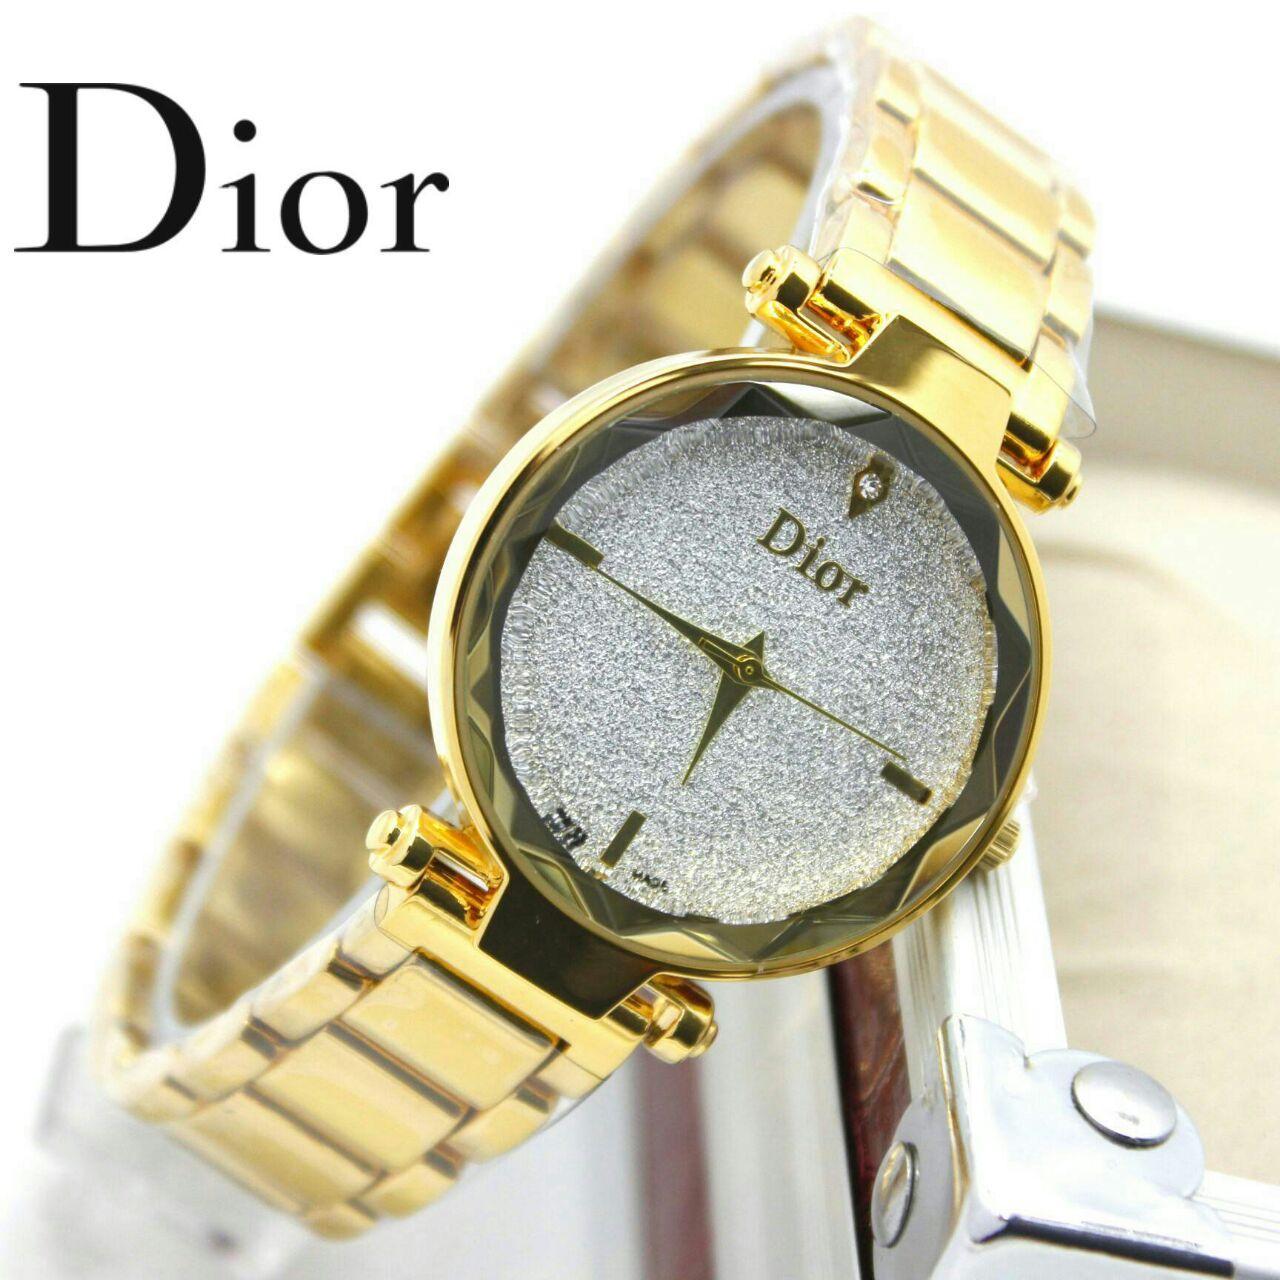 jam tangan wanita dior-dior jam tangan wanita